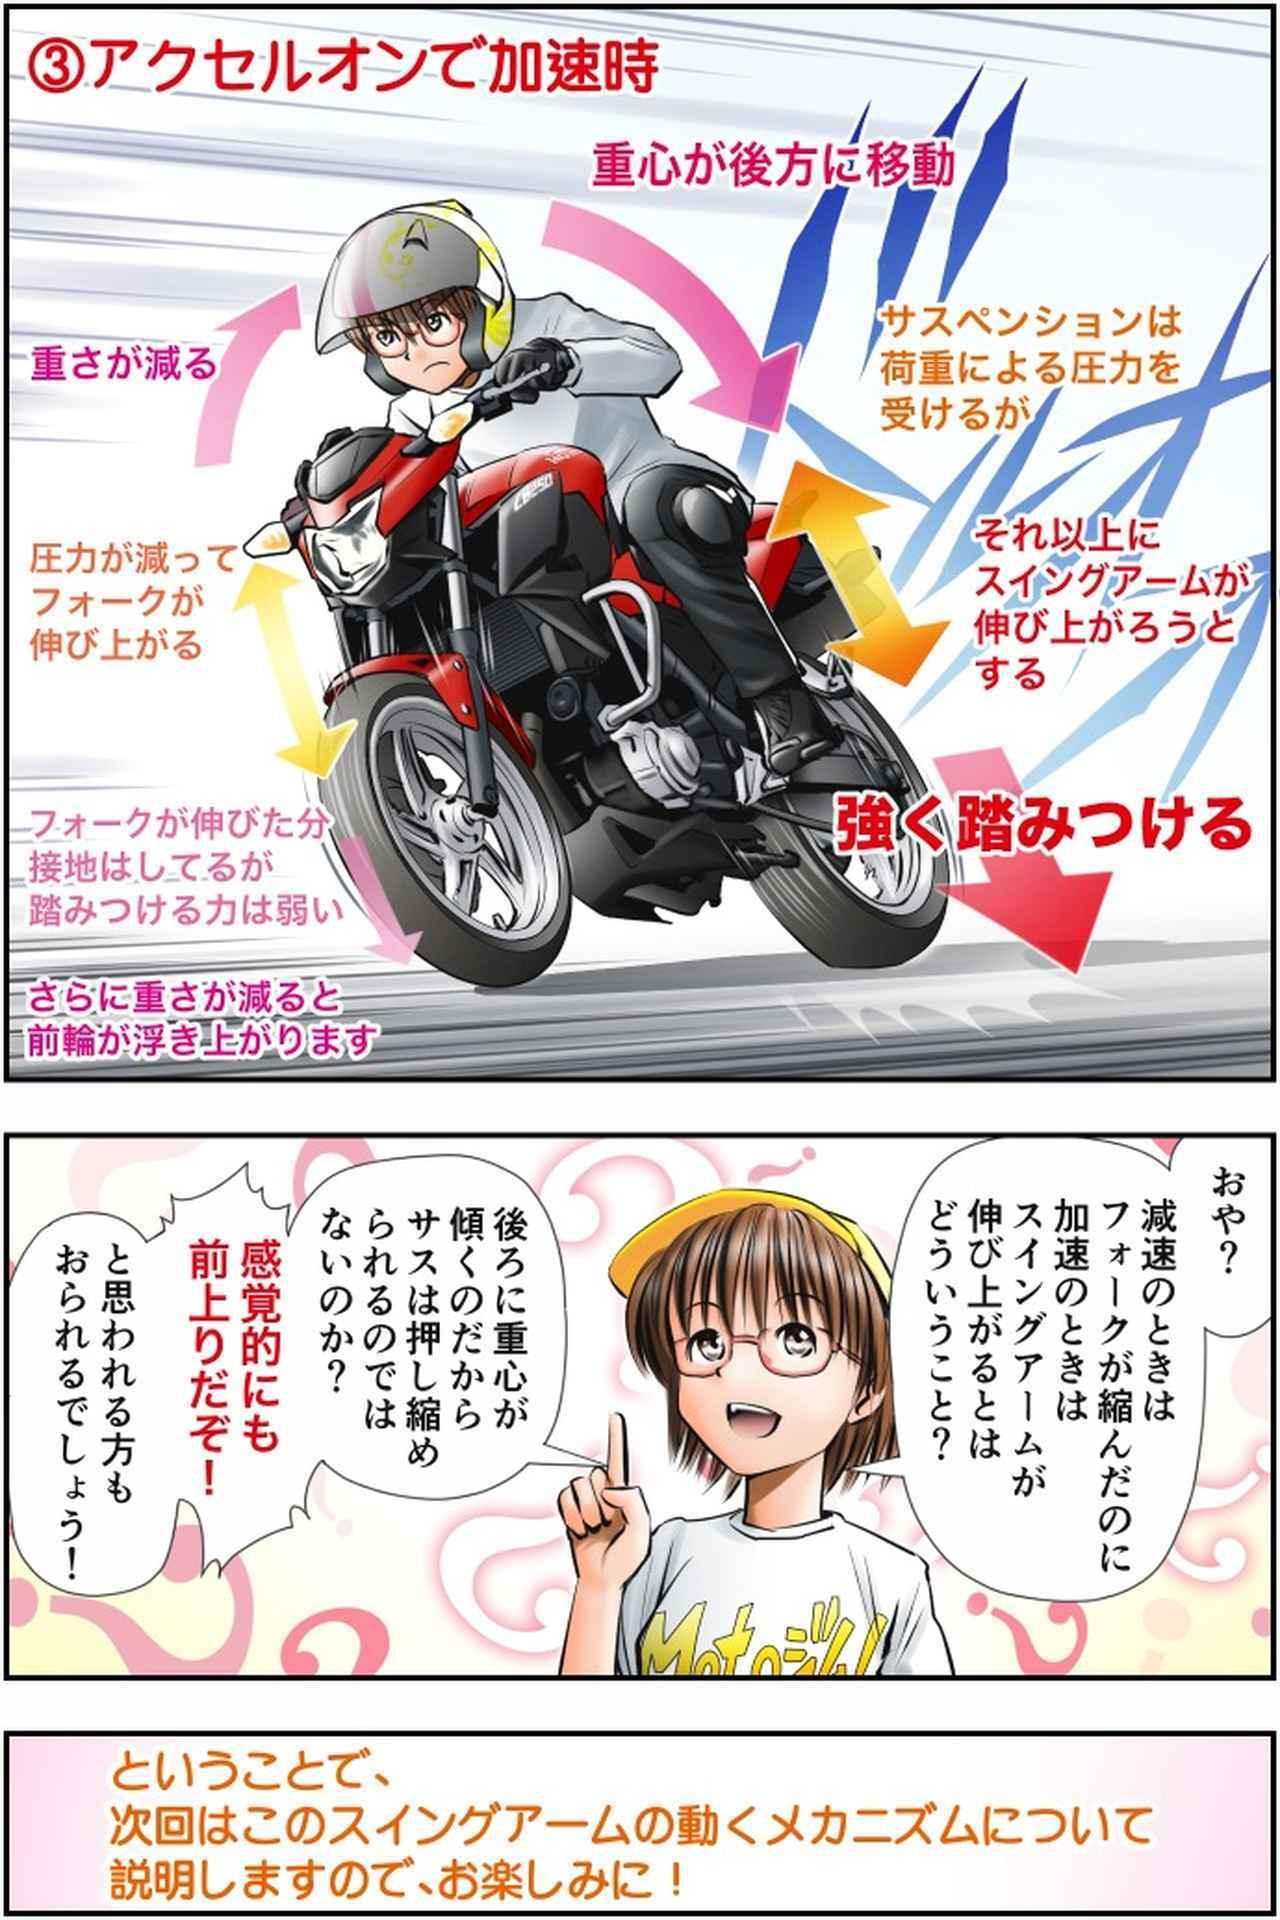 画像4: 『Motoジム!』第5巻は3月9日(土)発売! 大阪、東京のモーターサイクルショーでは、サイン本も数量限定販売!